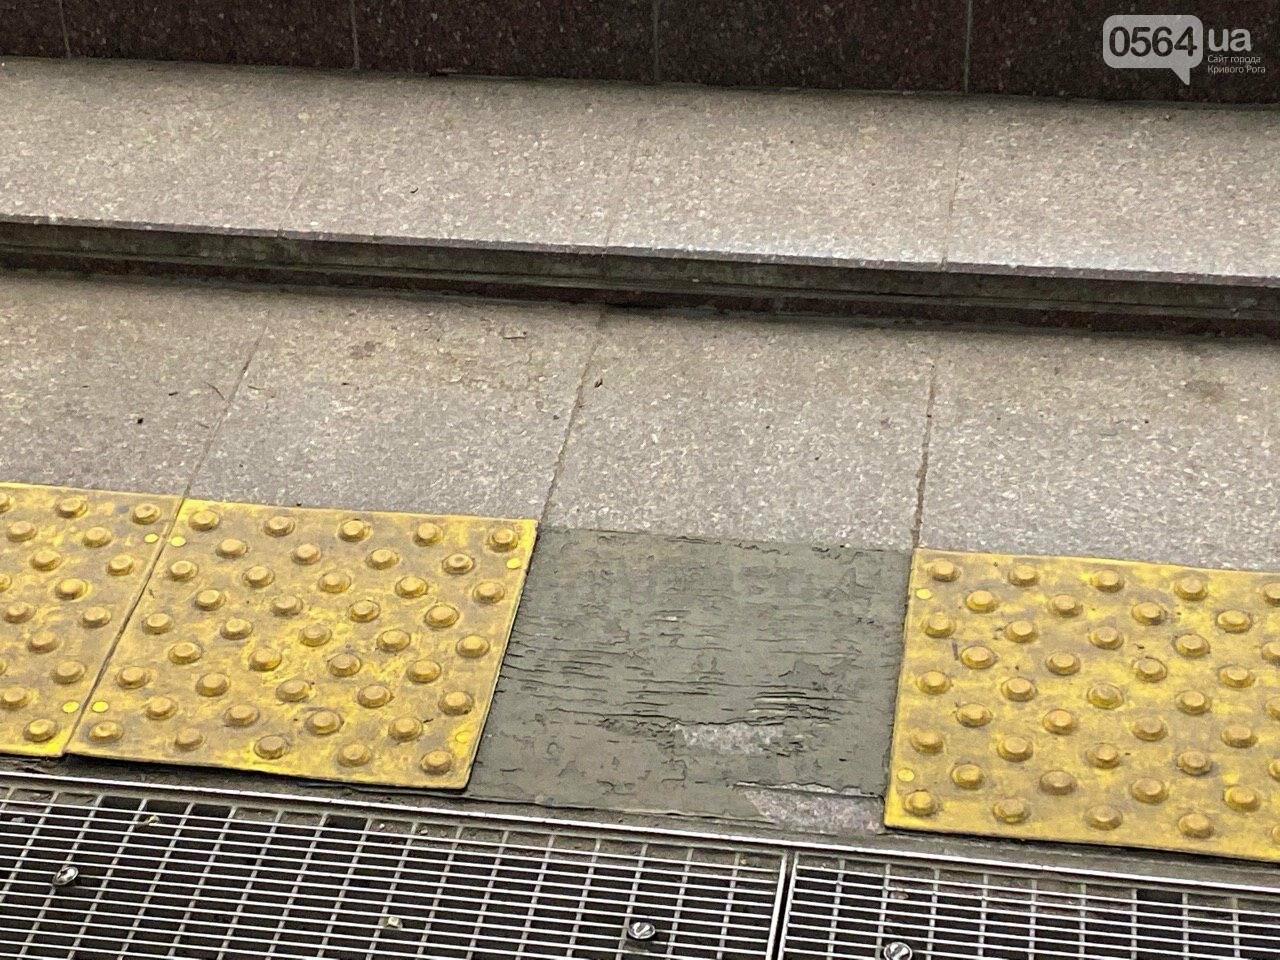 В Кривом Роге отклеилась тактильная плитка в подземном переходе, - ФОТО , фото-1